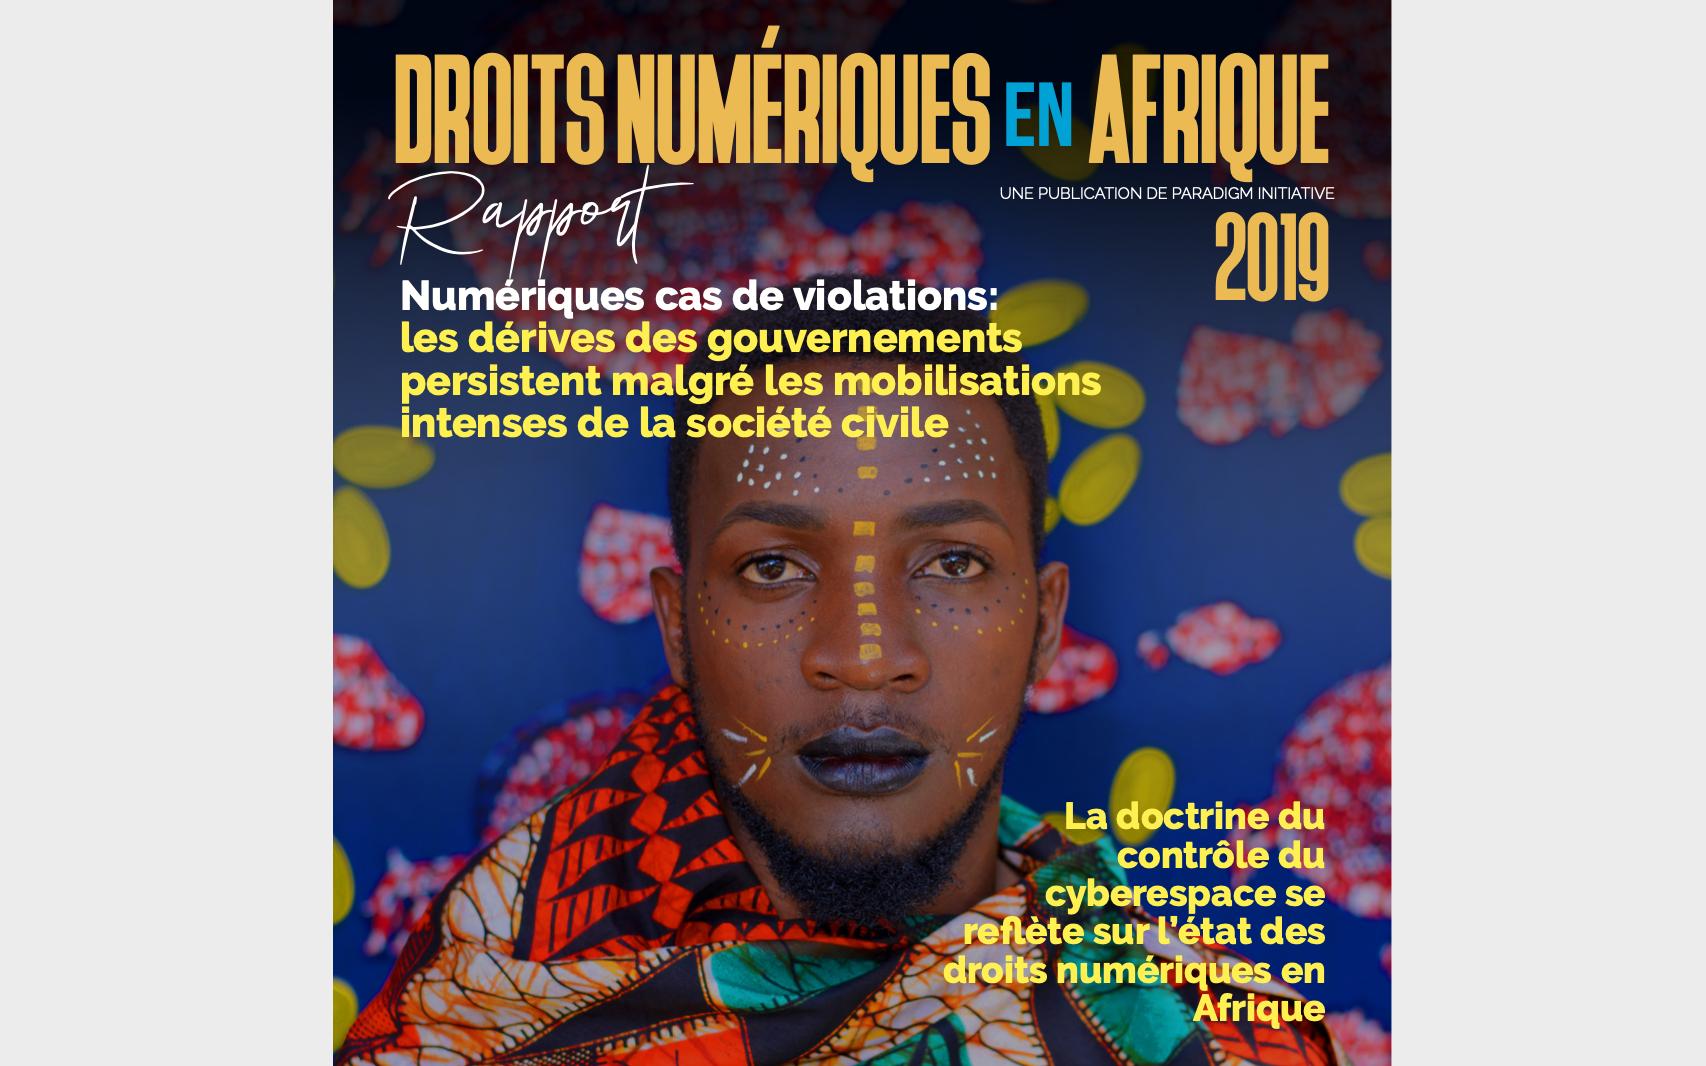 Paradigm Initiative publie le rapport 2019 sur les droits numériques en Afrique